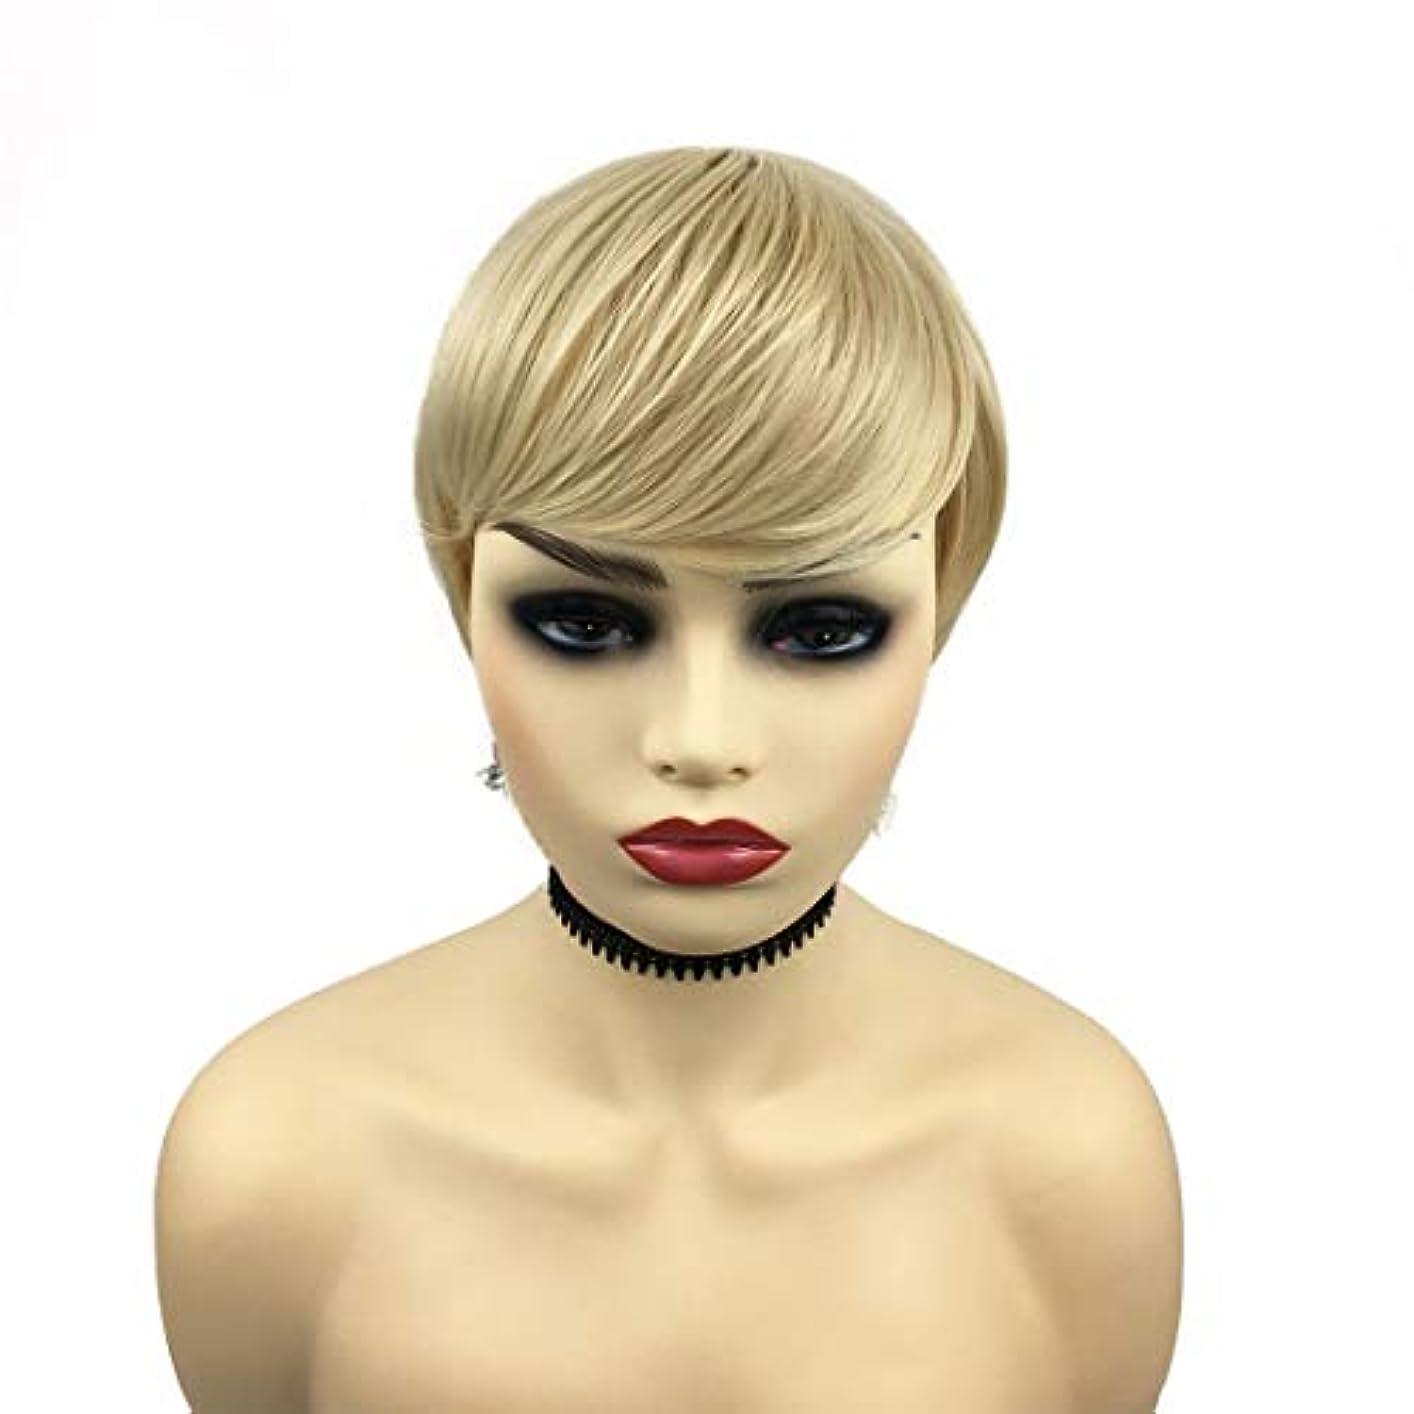 クリアちょうつがい助手YOUQIU 女性の耐熱ウィッグナチュラルヘアウィッグのための金髪ショート傾斜部髪ストレート天然、合成ストレートウィッグ (色 : Blonde)